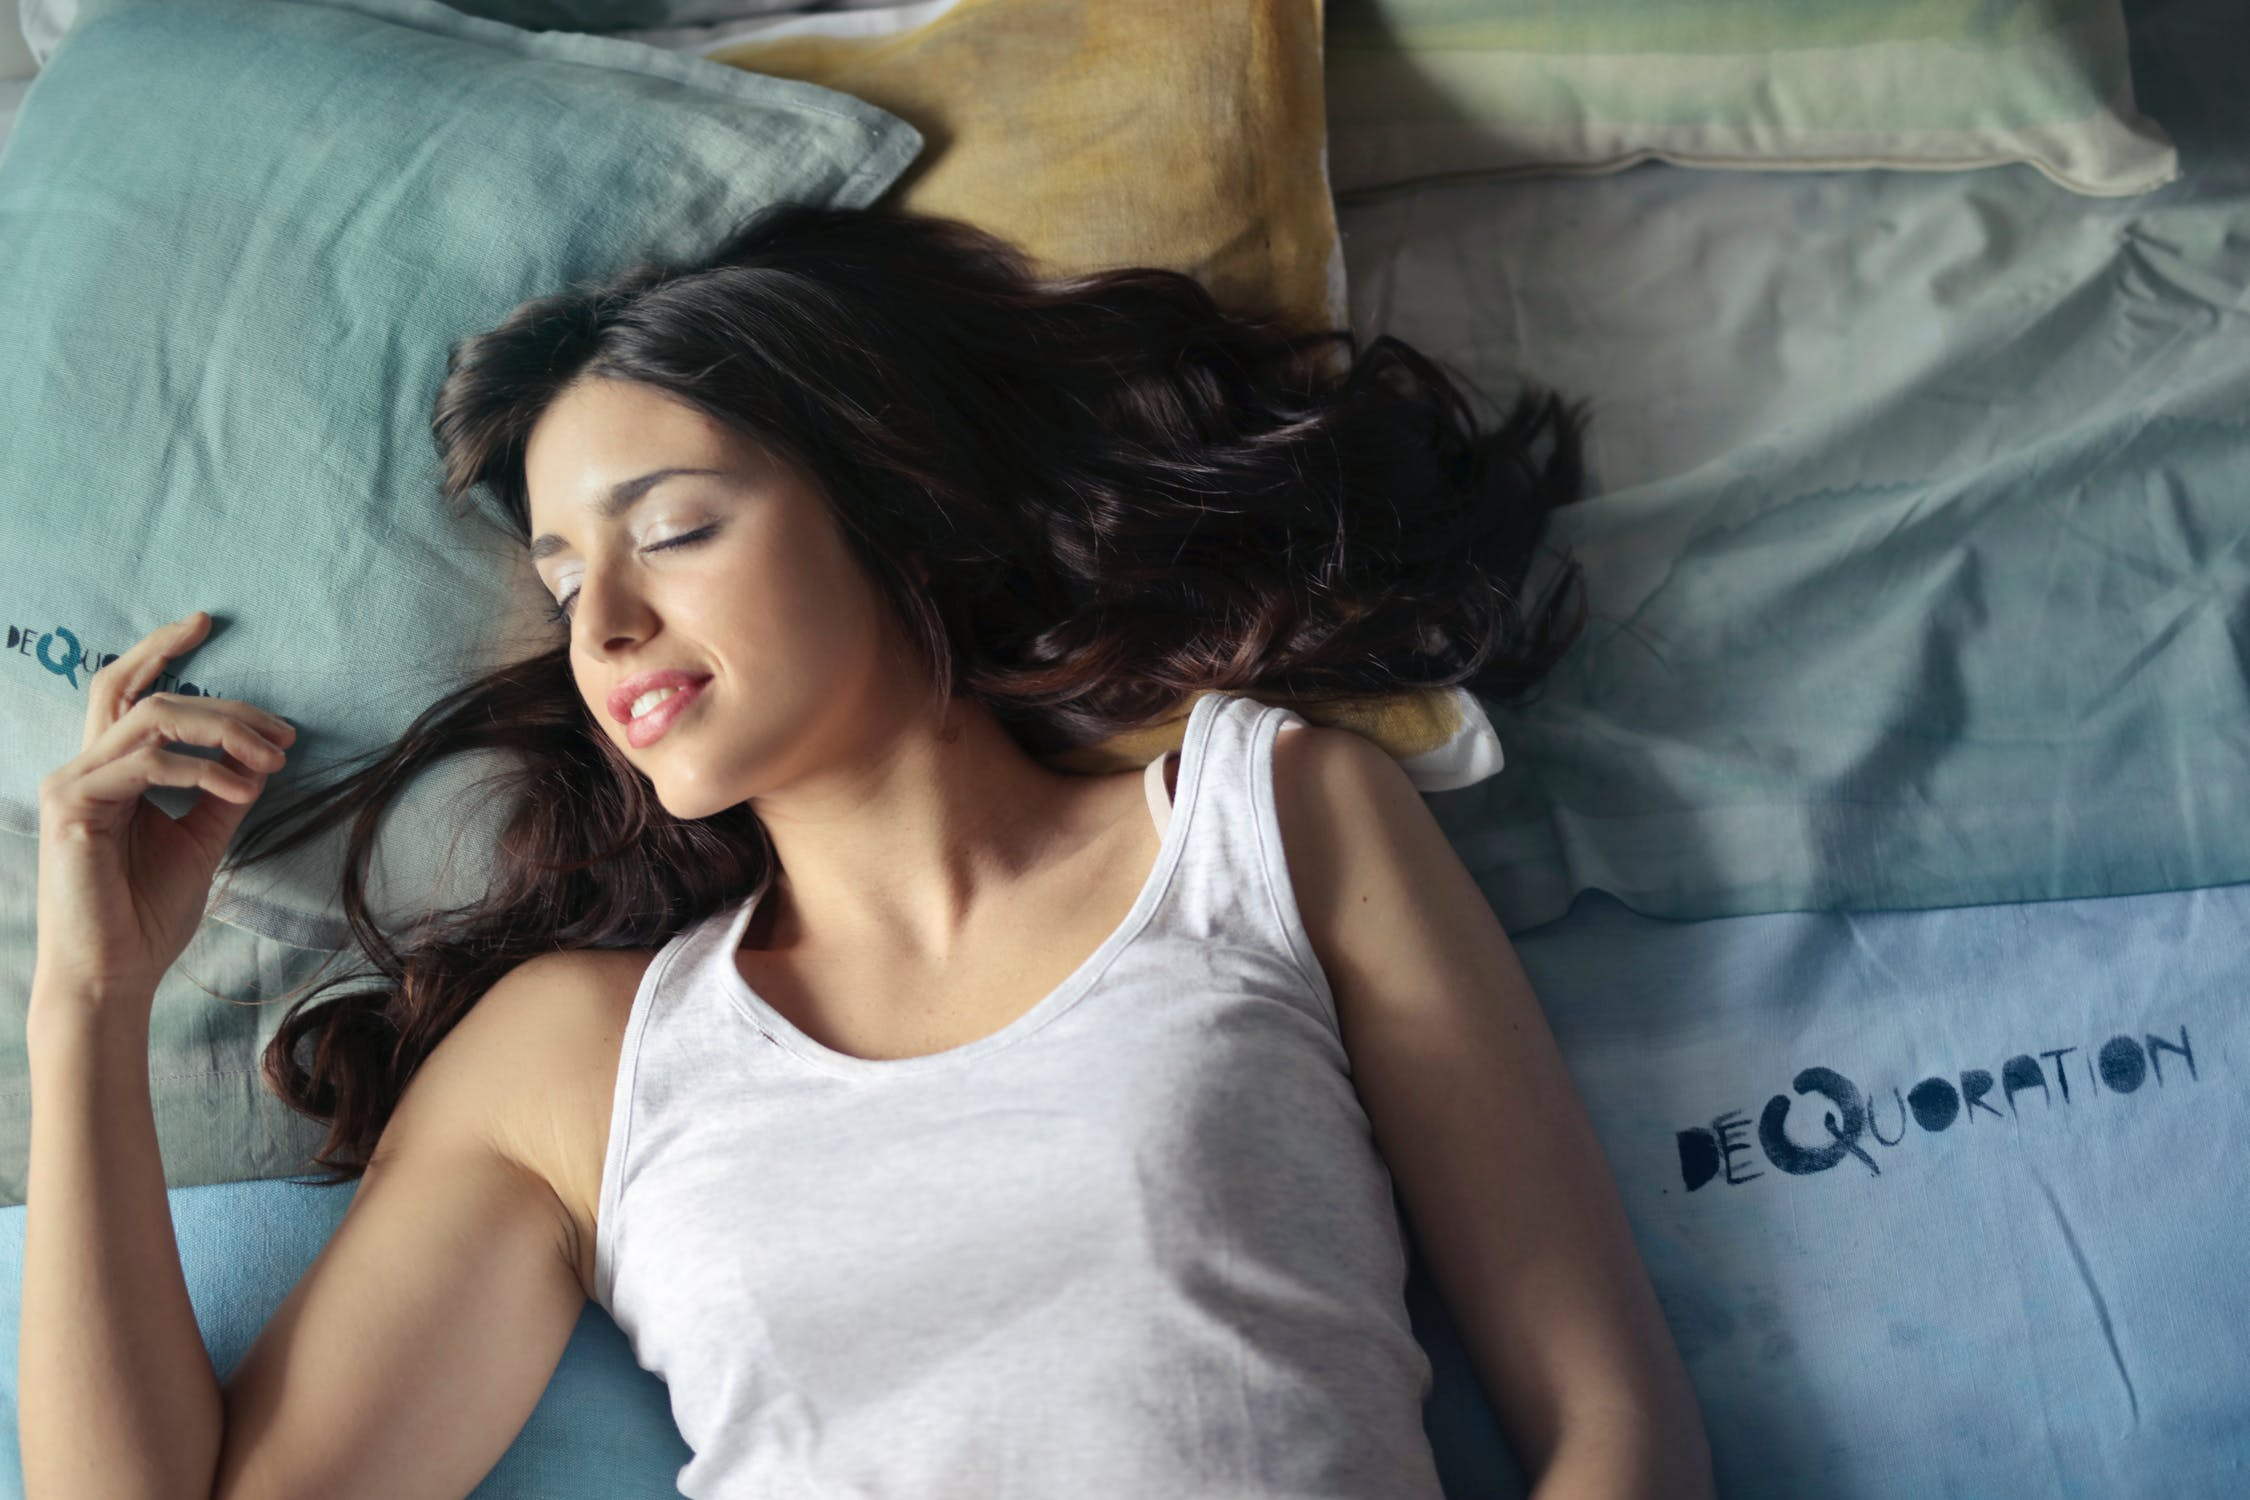 落枕產生的頸肩酸痛該如何治療?